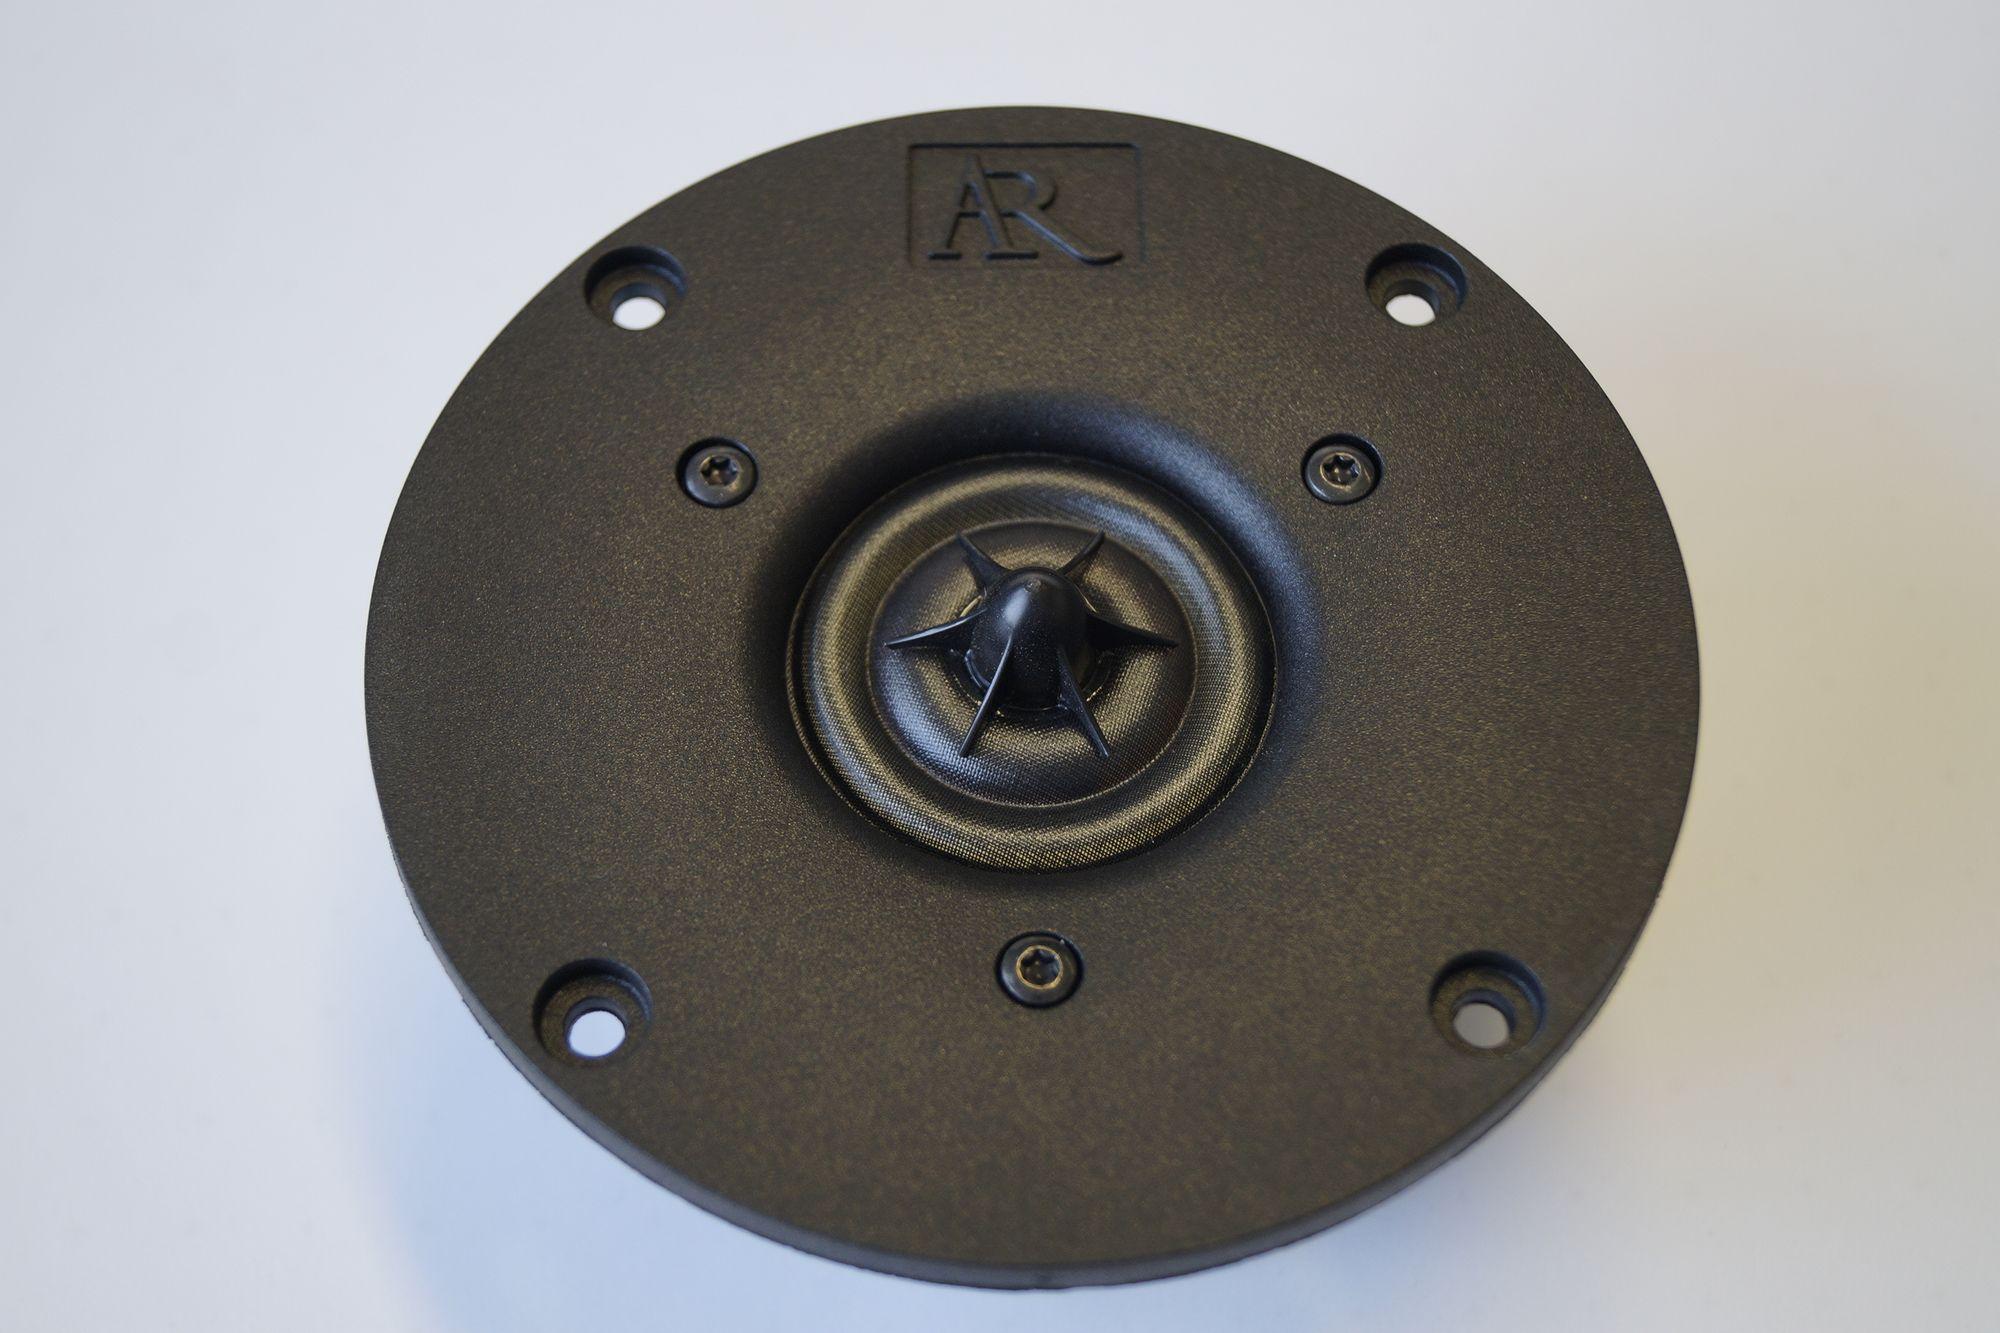 1 Stück 38 mm Ringradiator Vifa XT 25BG51-04 High End Hochtöner 001